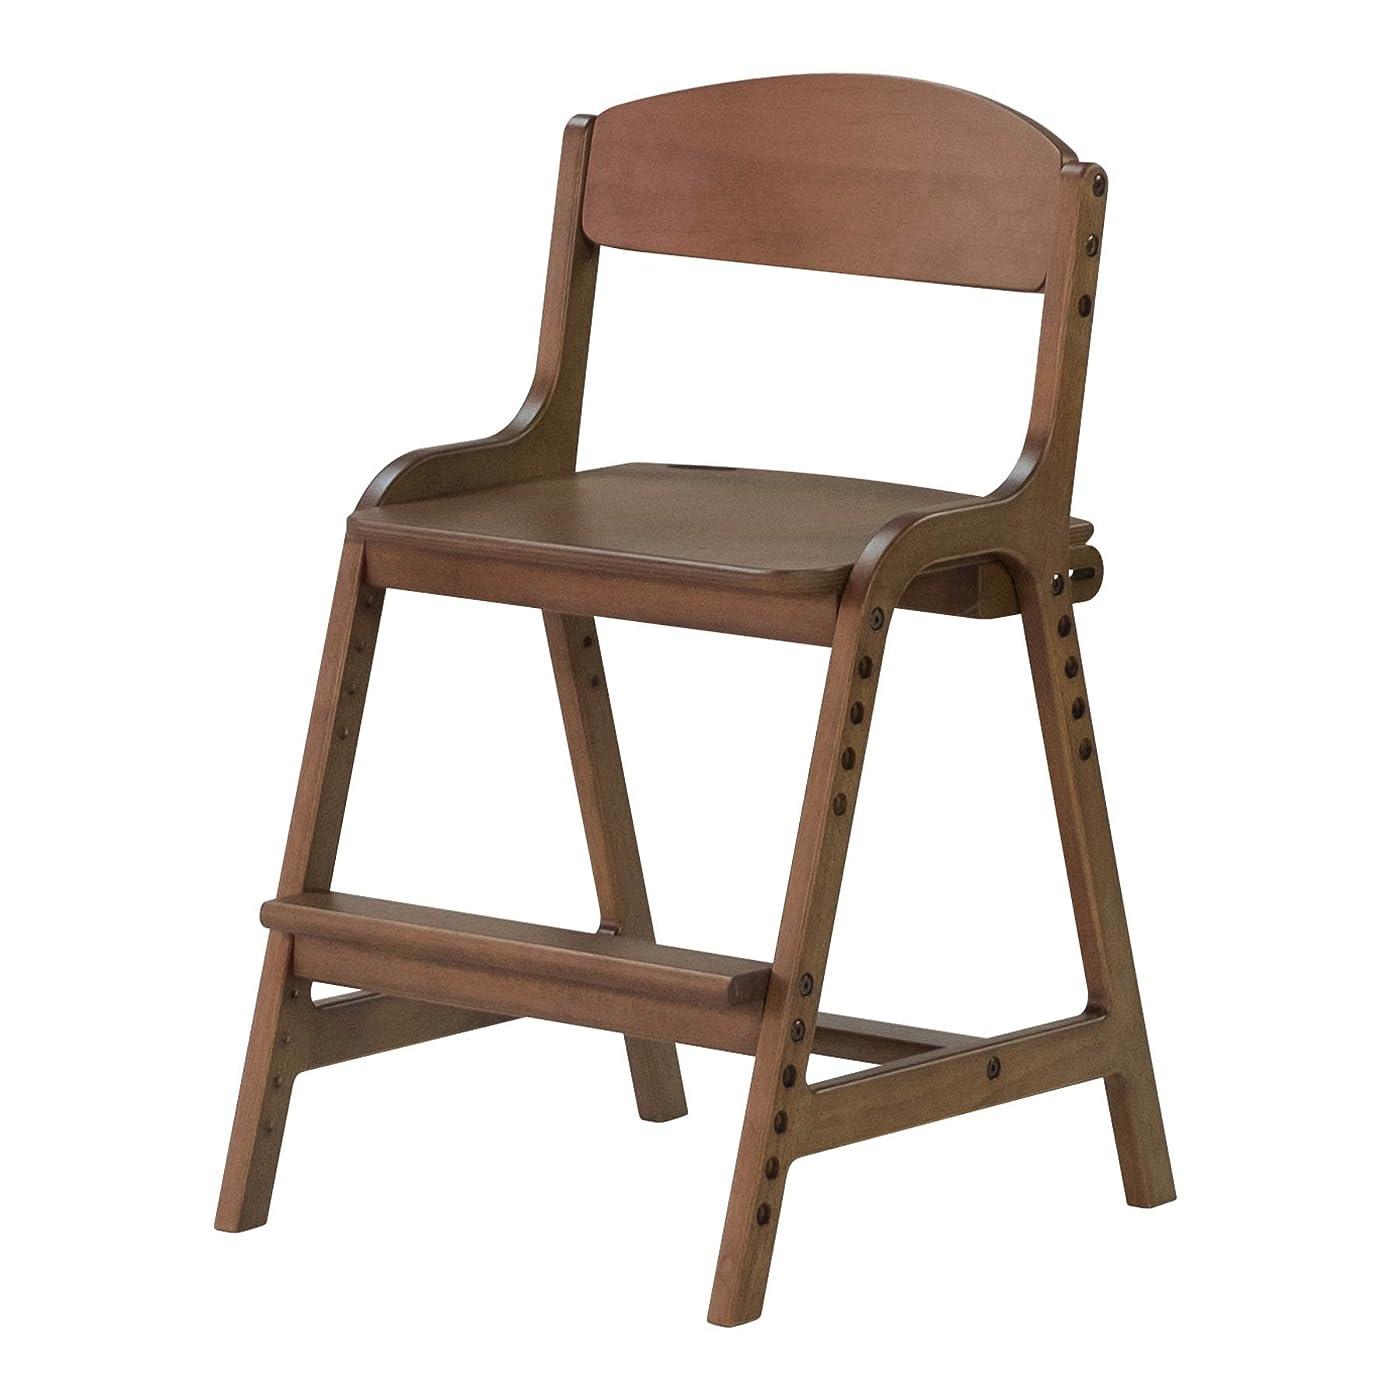 カビソフトウェア救いISSEIKI 学習チェア 子供用 幅45【組立品】ミディアムブラウン 天然木のぬくもり 高さ調節可能 木製 キッズチェア 学習椅子 一人掛け AIRY DESK CHAIR (MBR)